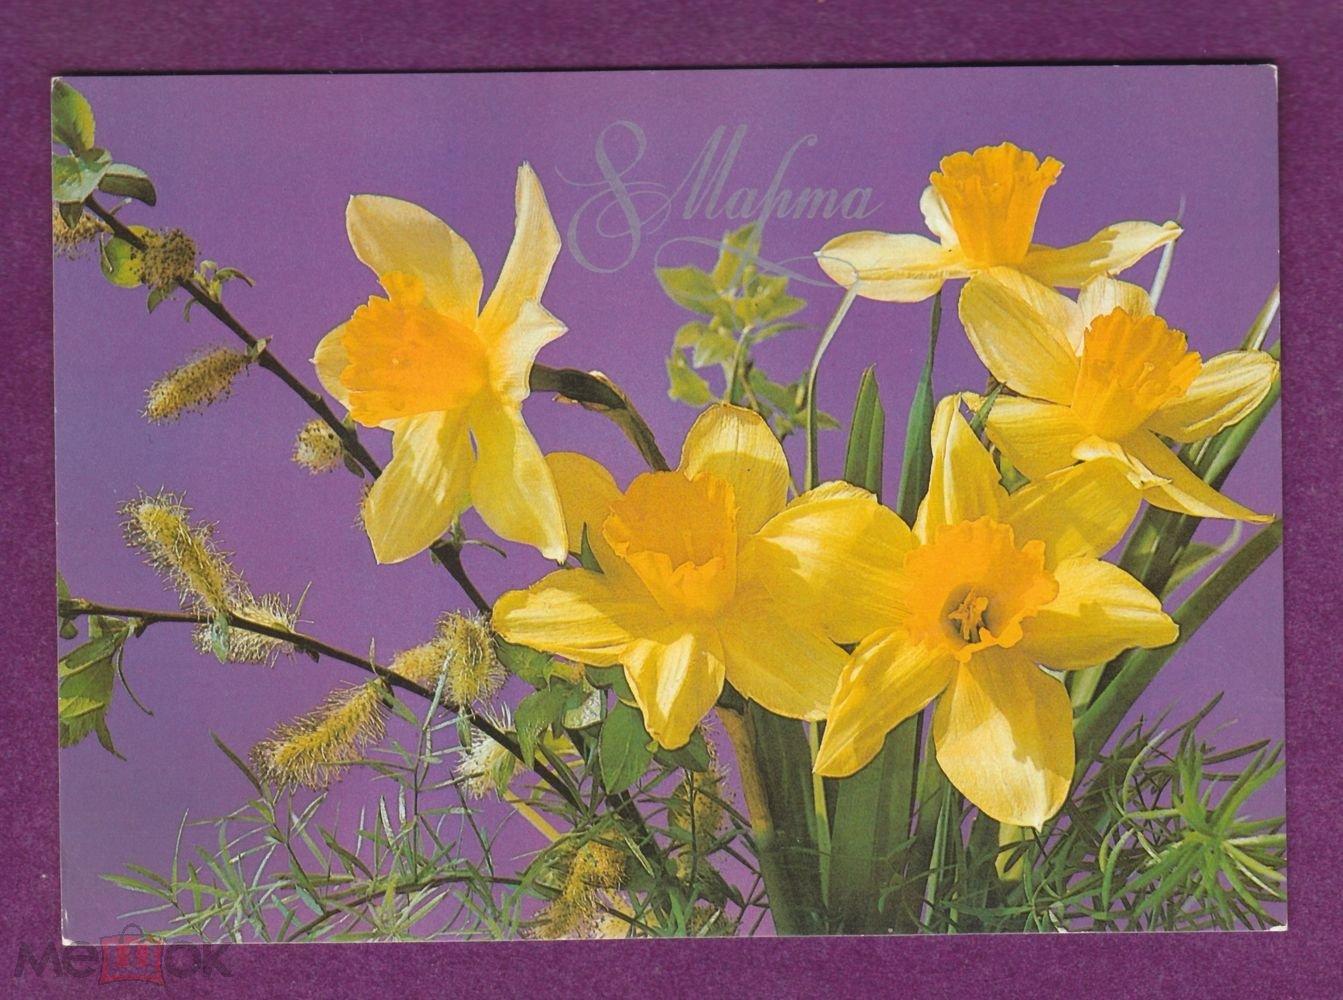 Открытка к 8 марта цветы нарциссы, надписями про